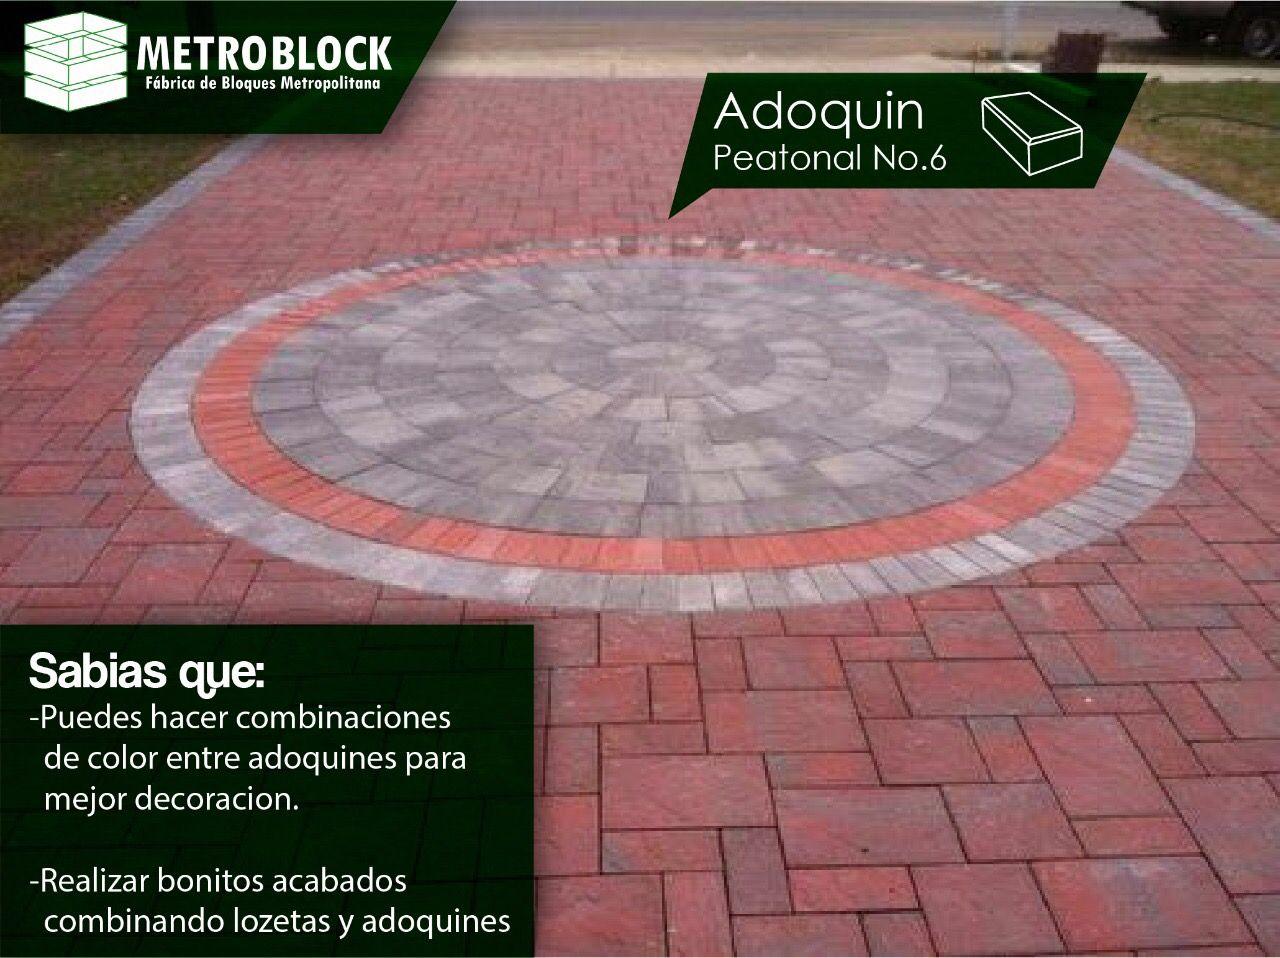 #adoquines y #losetas de colores, la combinación de estos dos productos dan ideas de cómo se podrían mezclar y regalar un diseño moderno a la edificación.